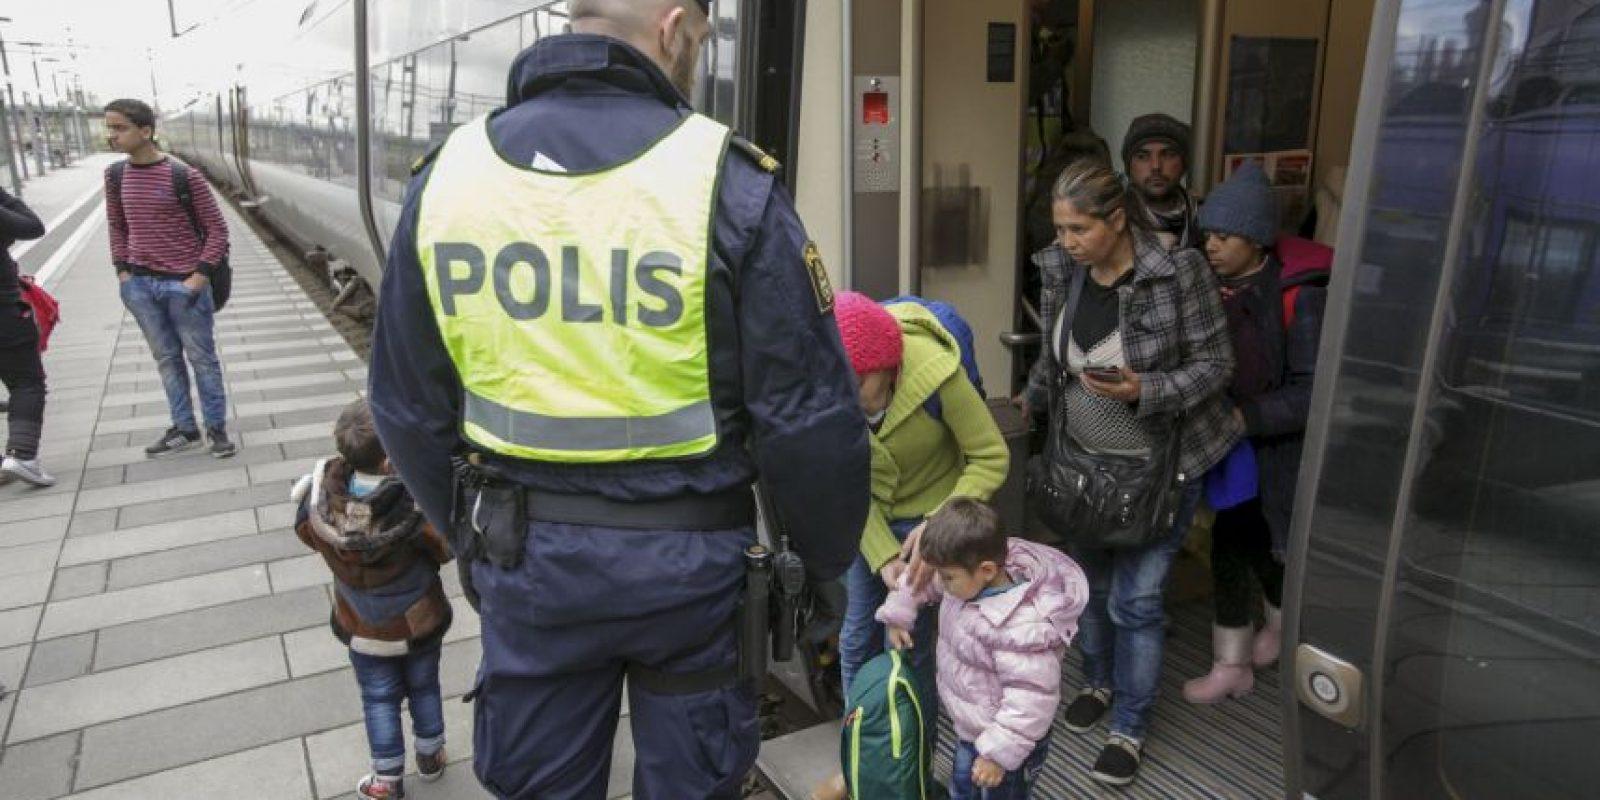 Suecia se unió a los países que también han tomado medidas drásticas contra la inmigración en las últimas semanas. Foto:AFP